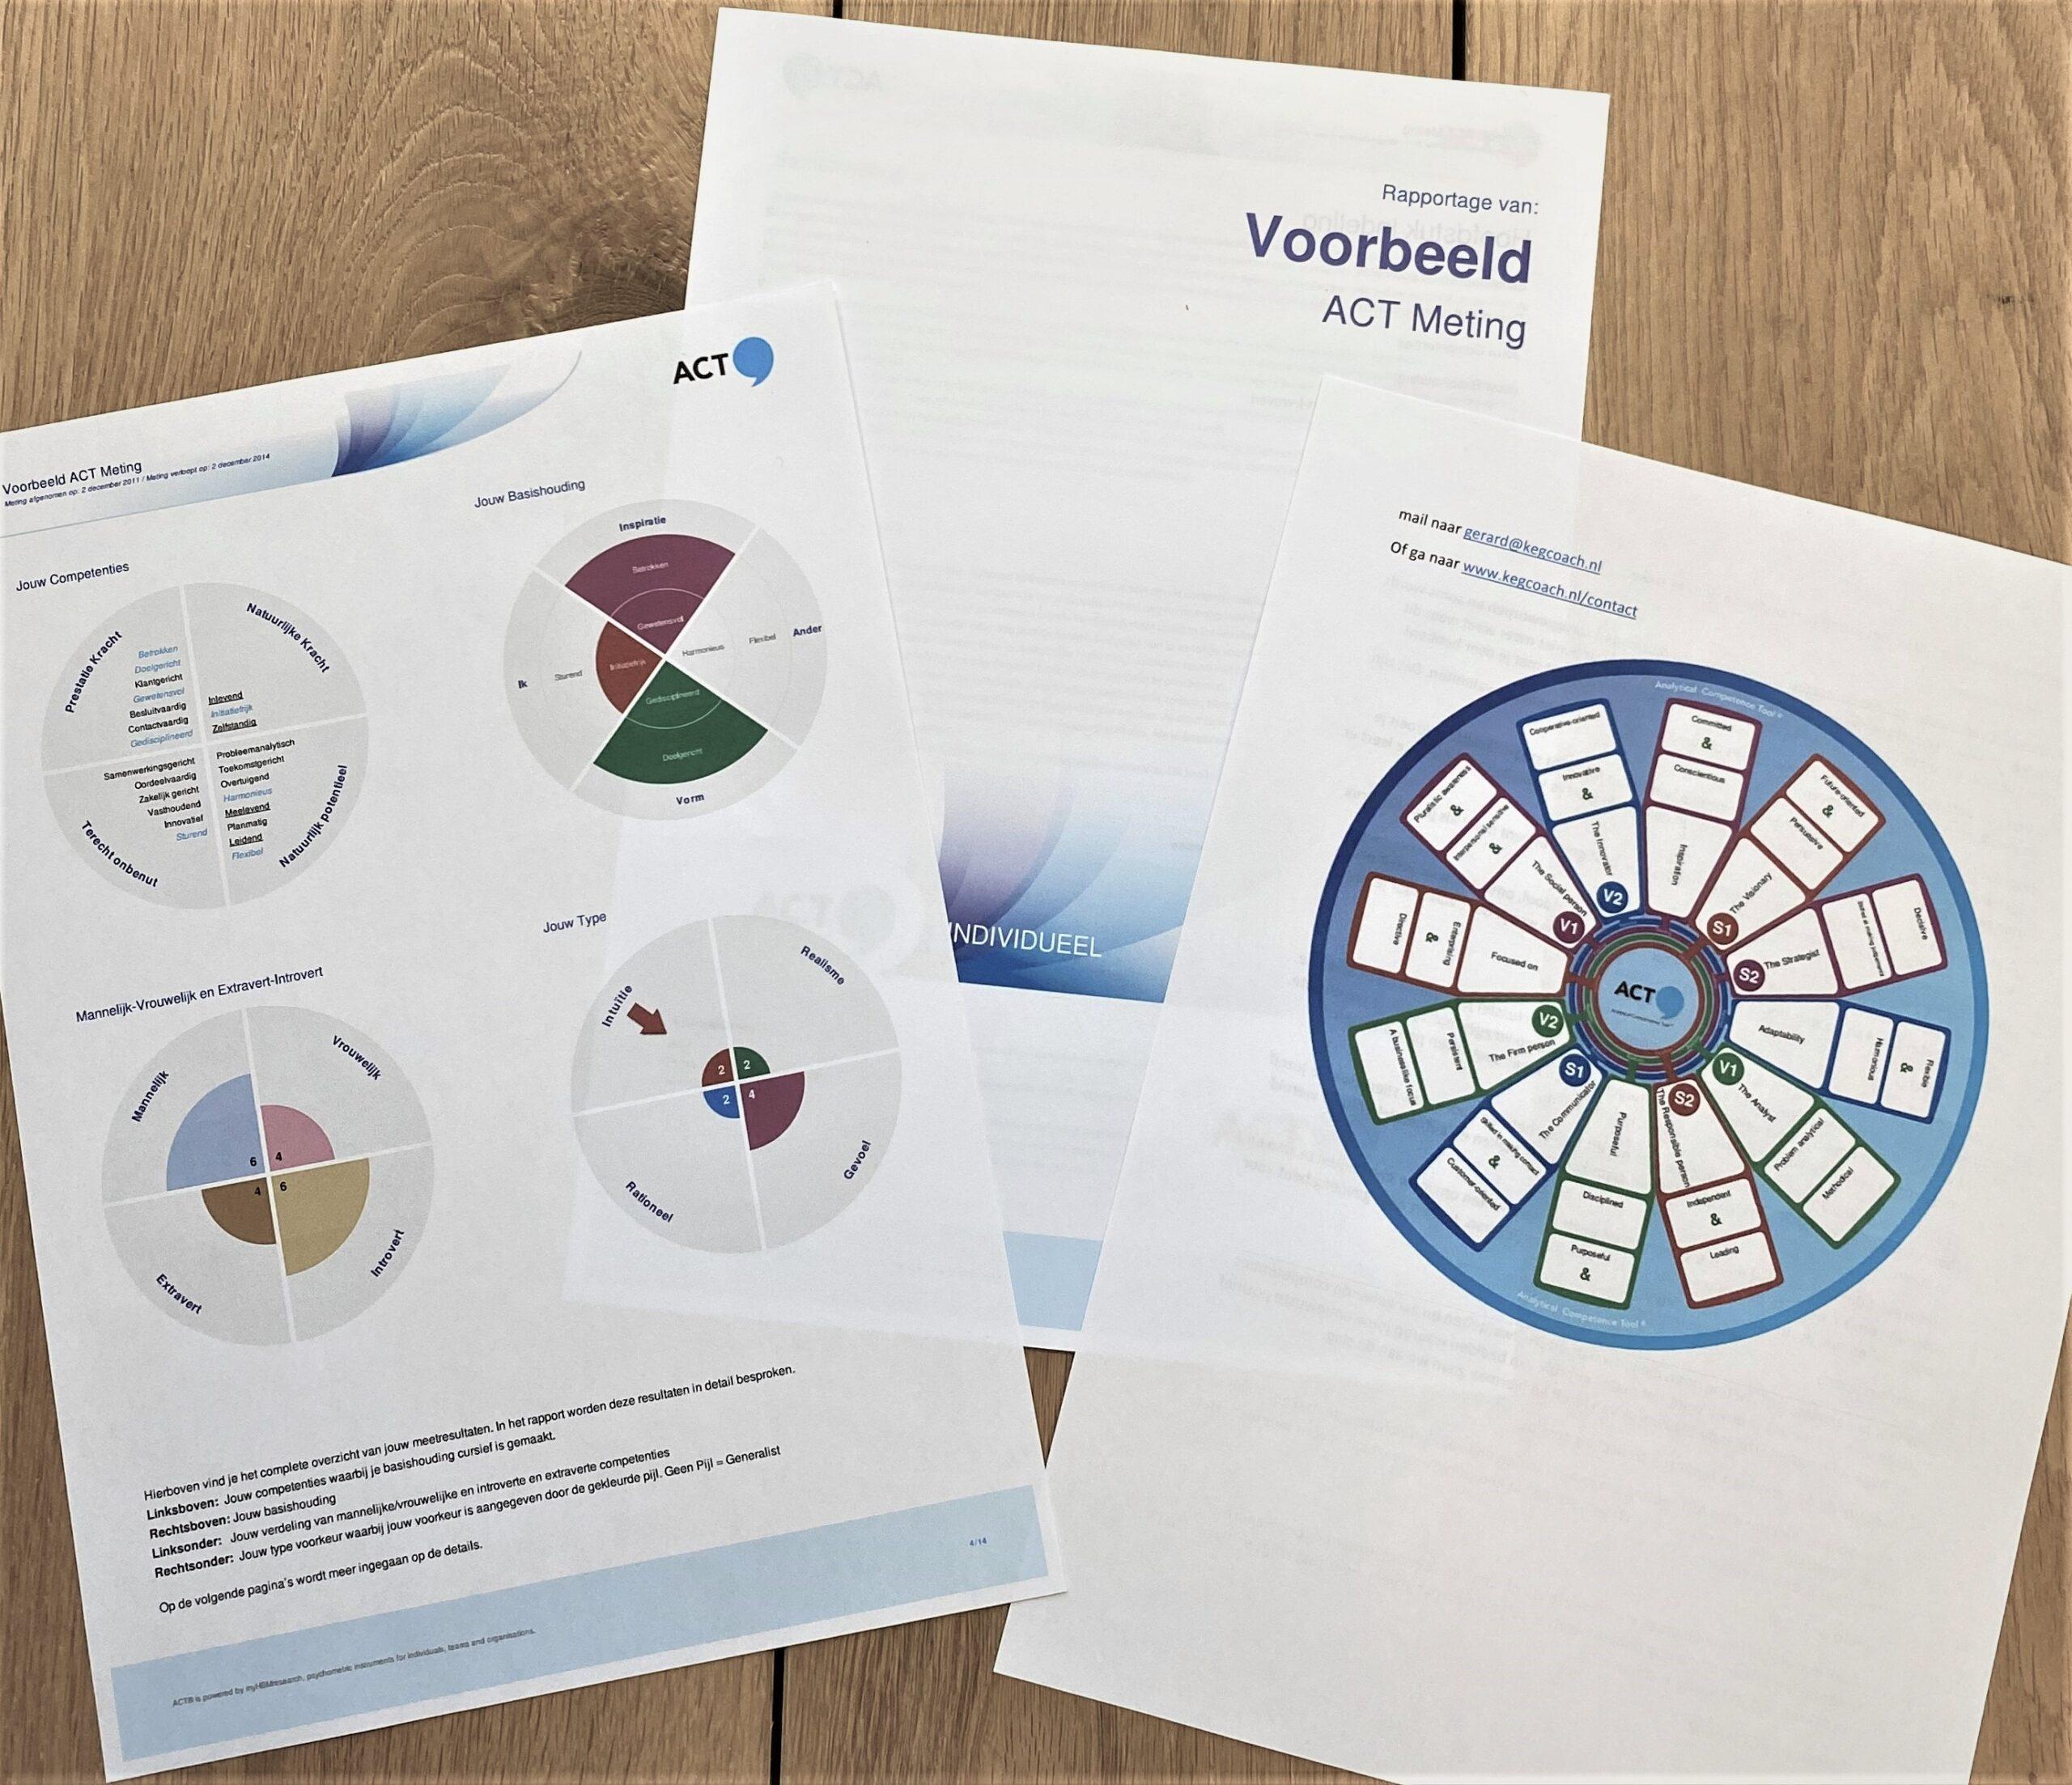 een uitgebreid rapport krijg je bij de ACT meting